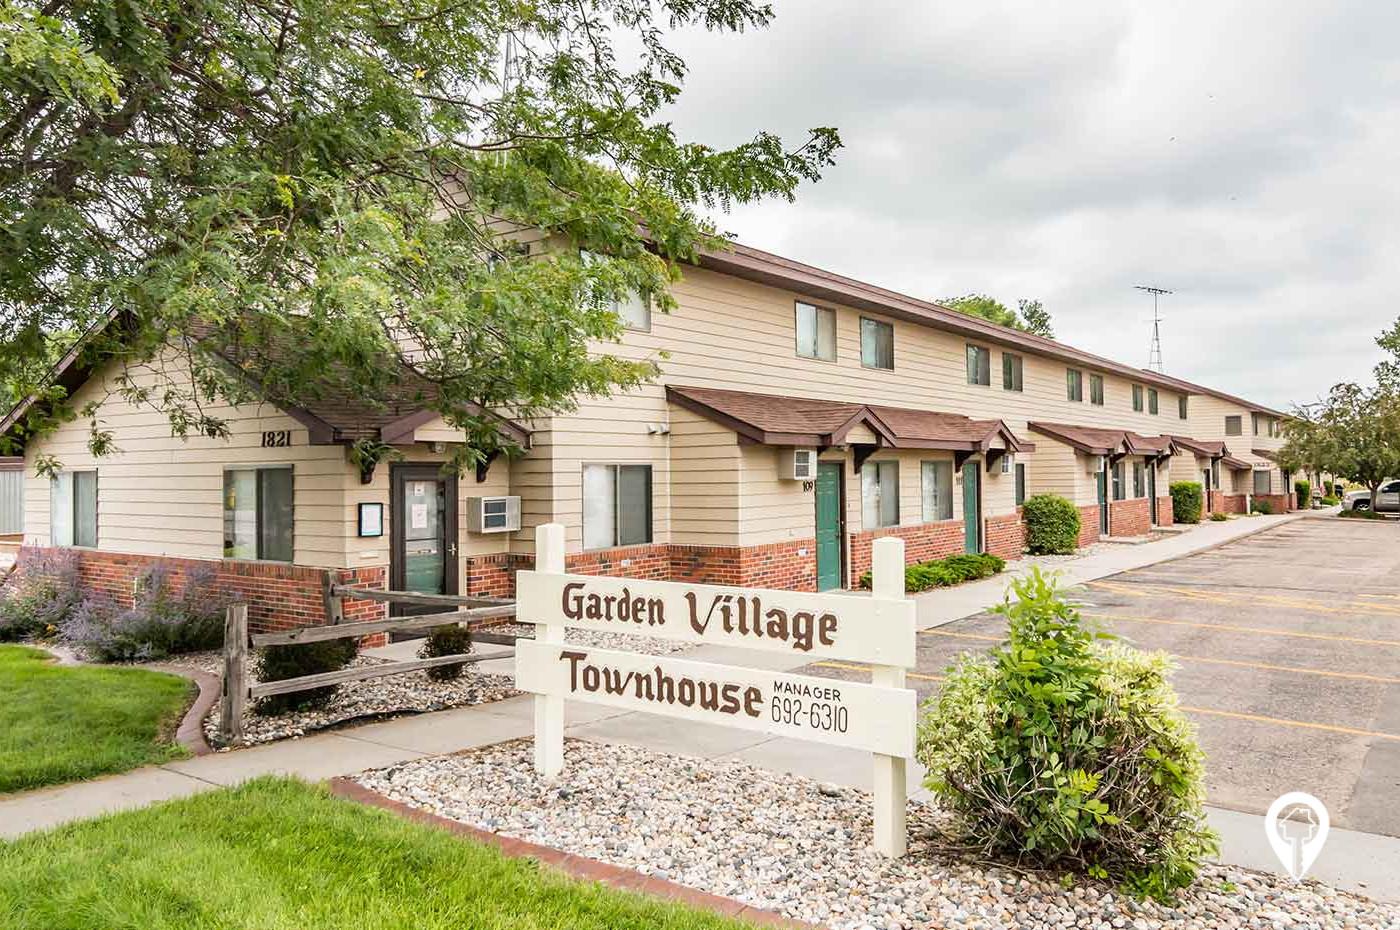 Mills Property Management - Garden Village